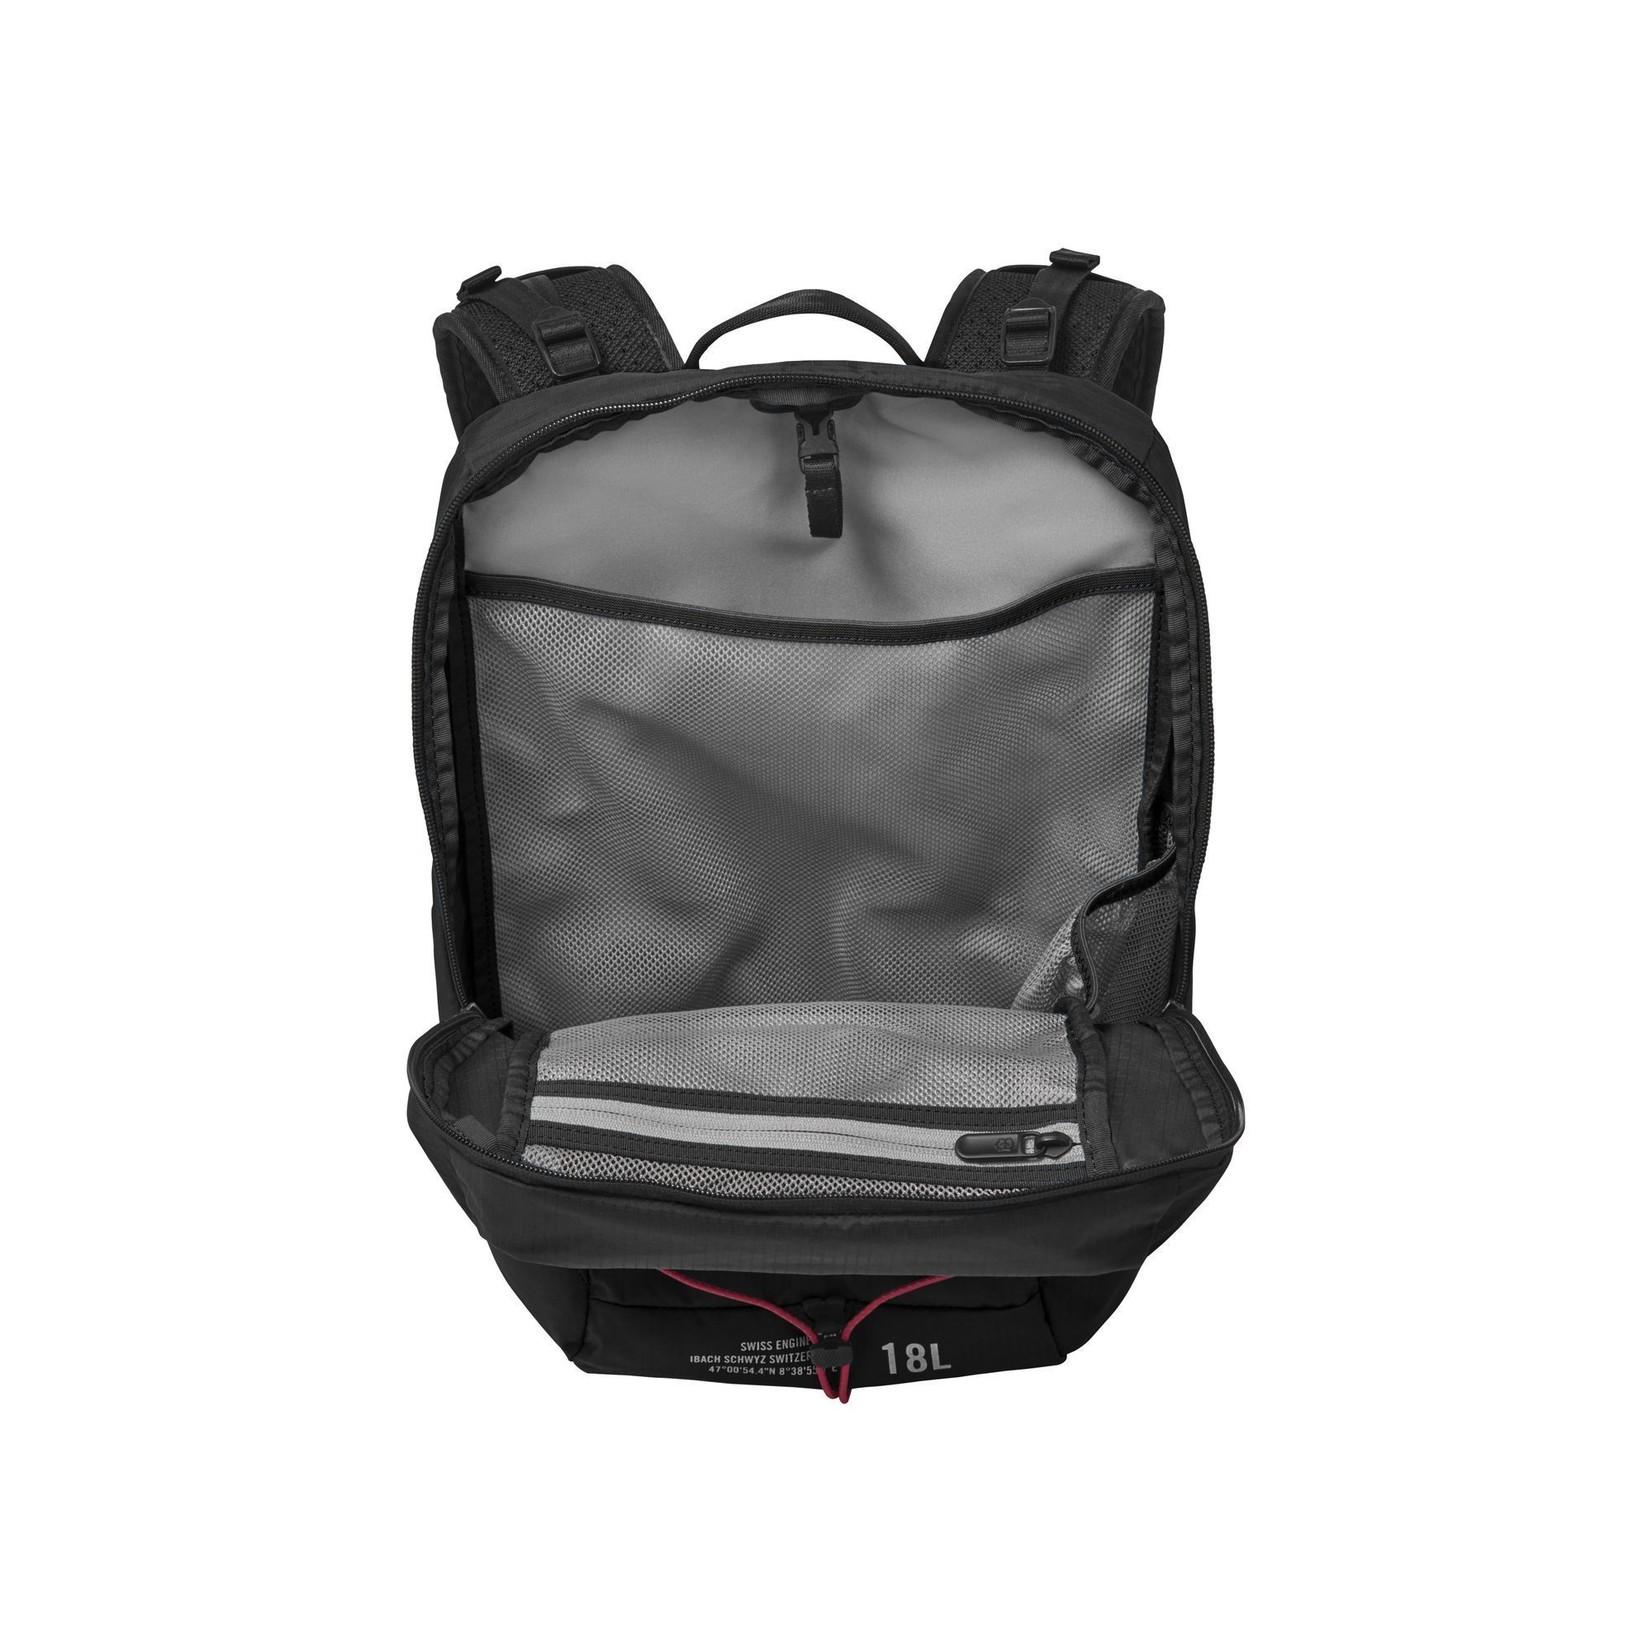 Victorinox Victorinox Altmont Active rugzak Compact, zwart